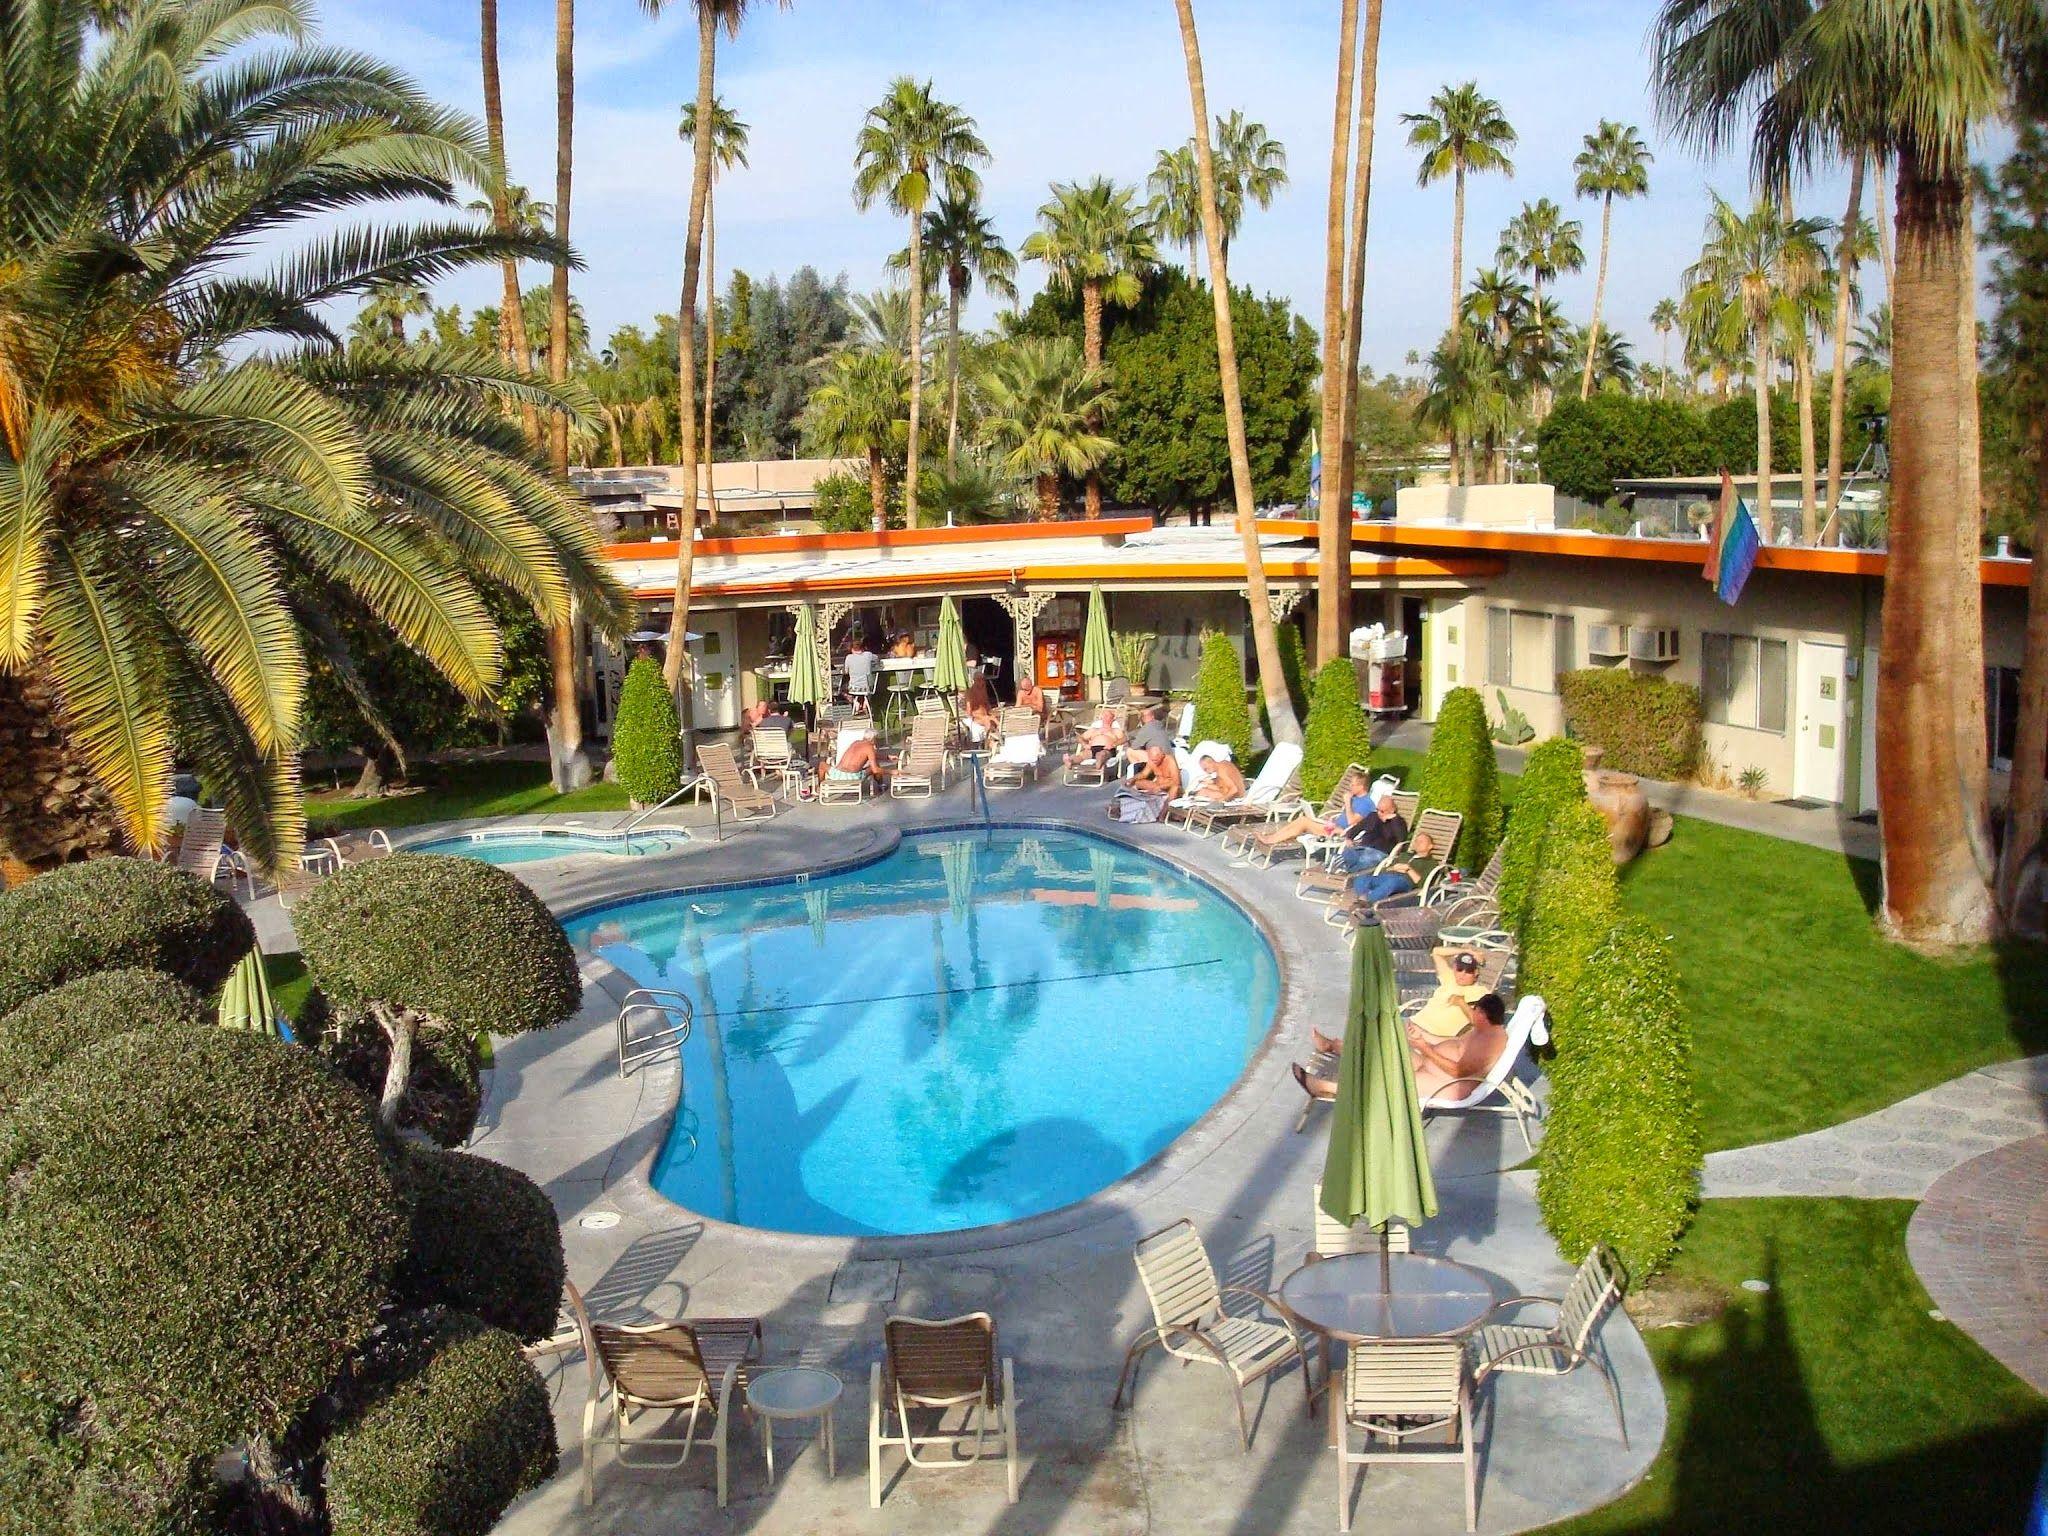 resort springs Gay in palm